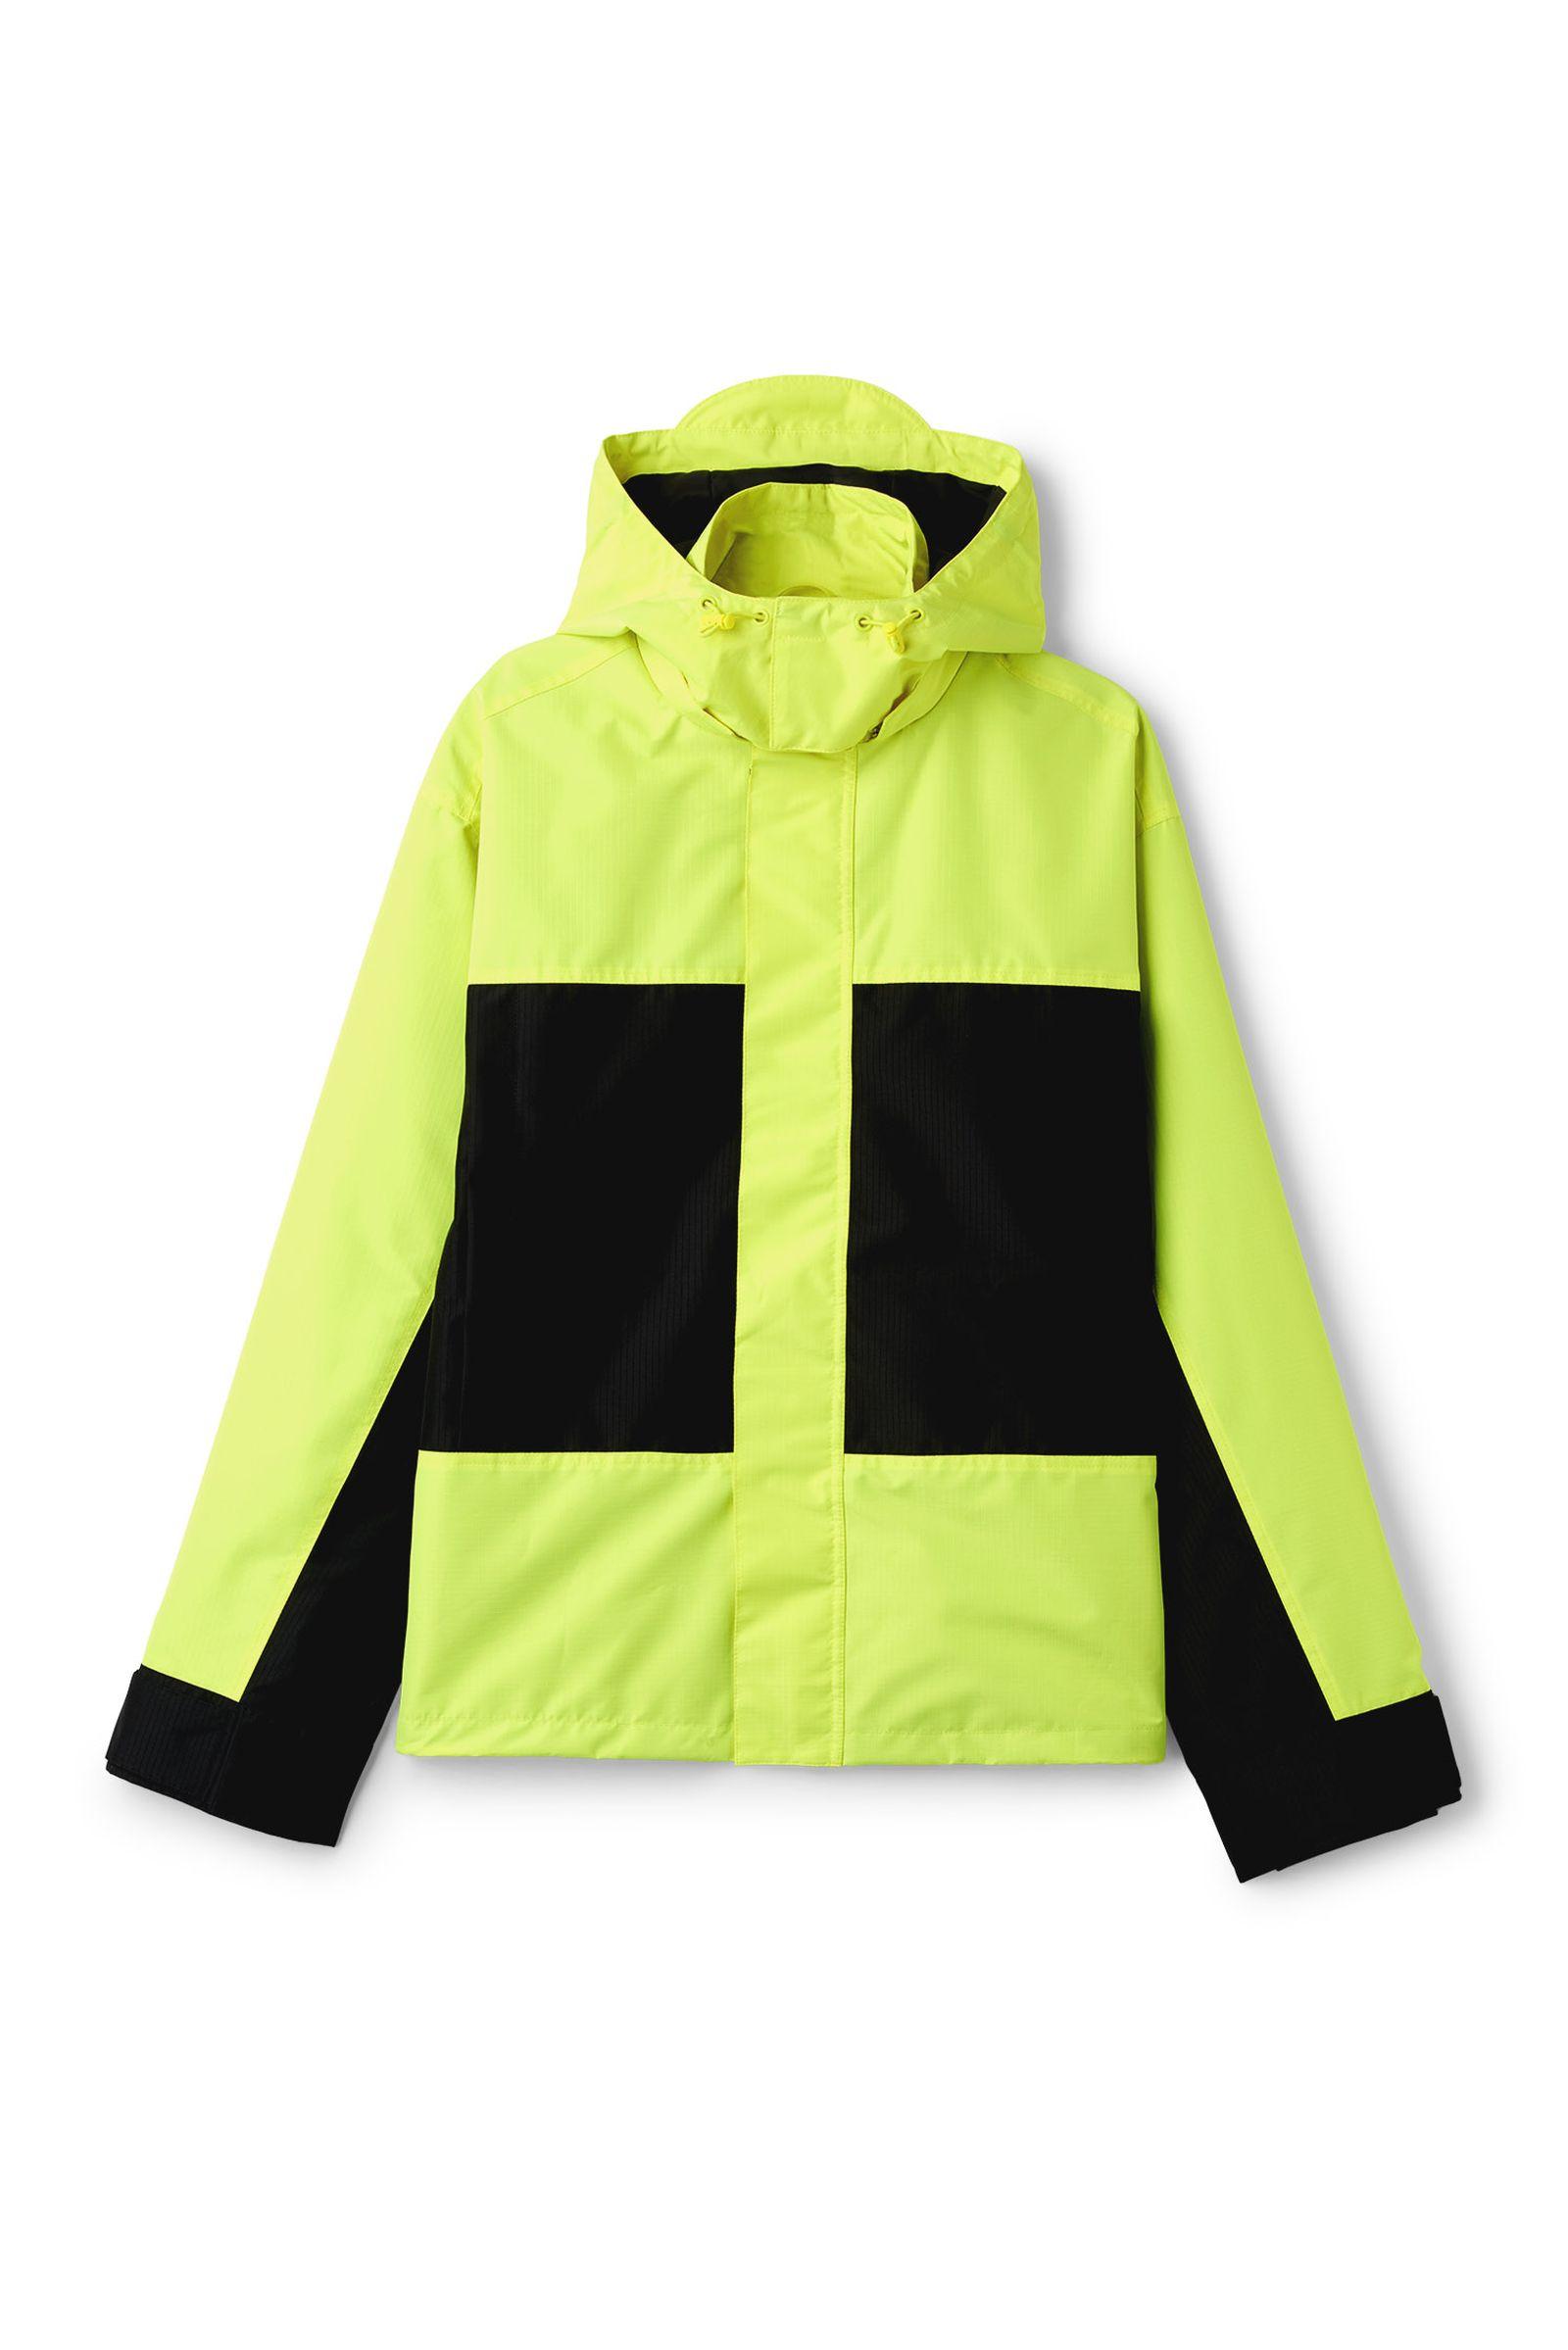 weekday-winter-2017-collection-flen-jacket-02